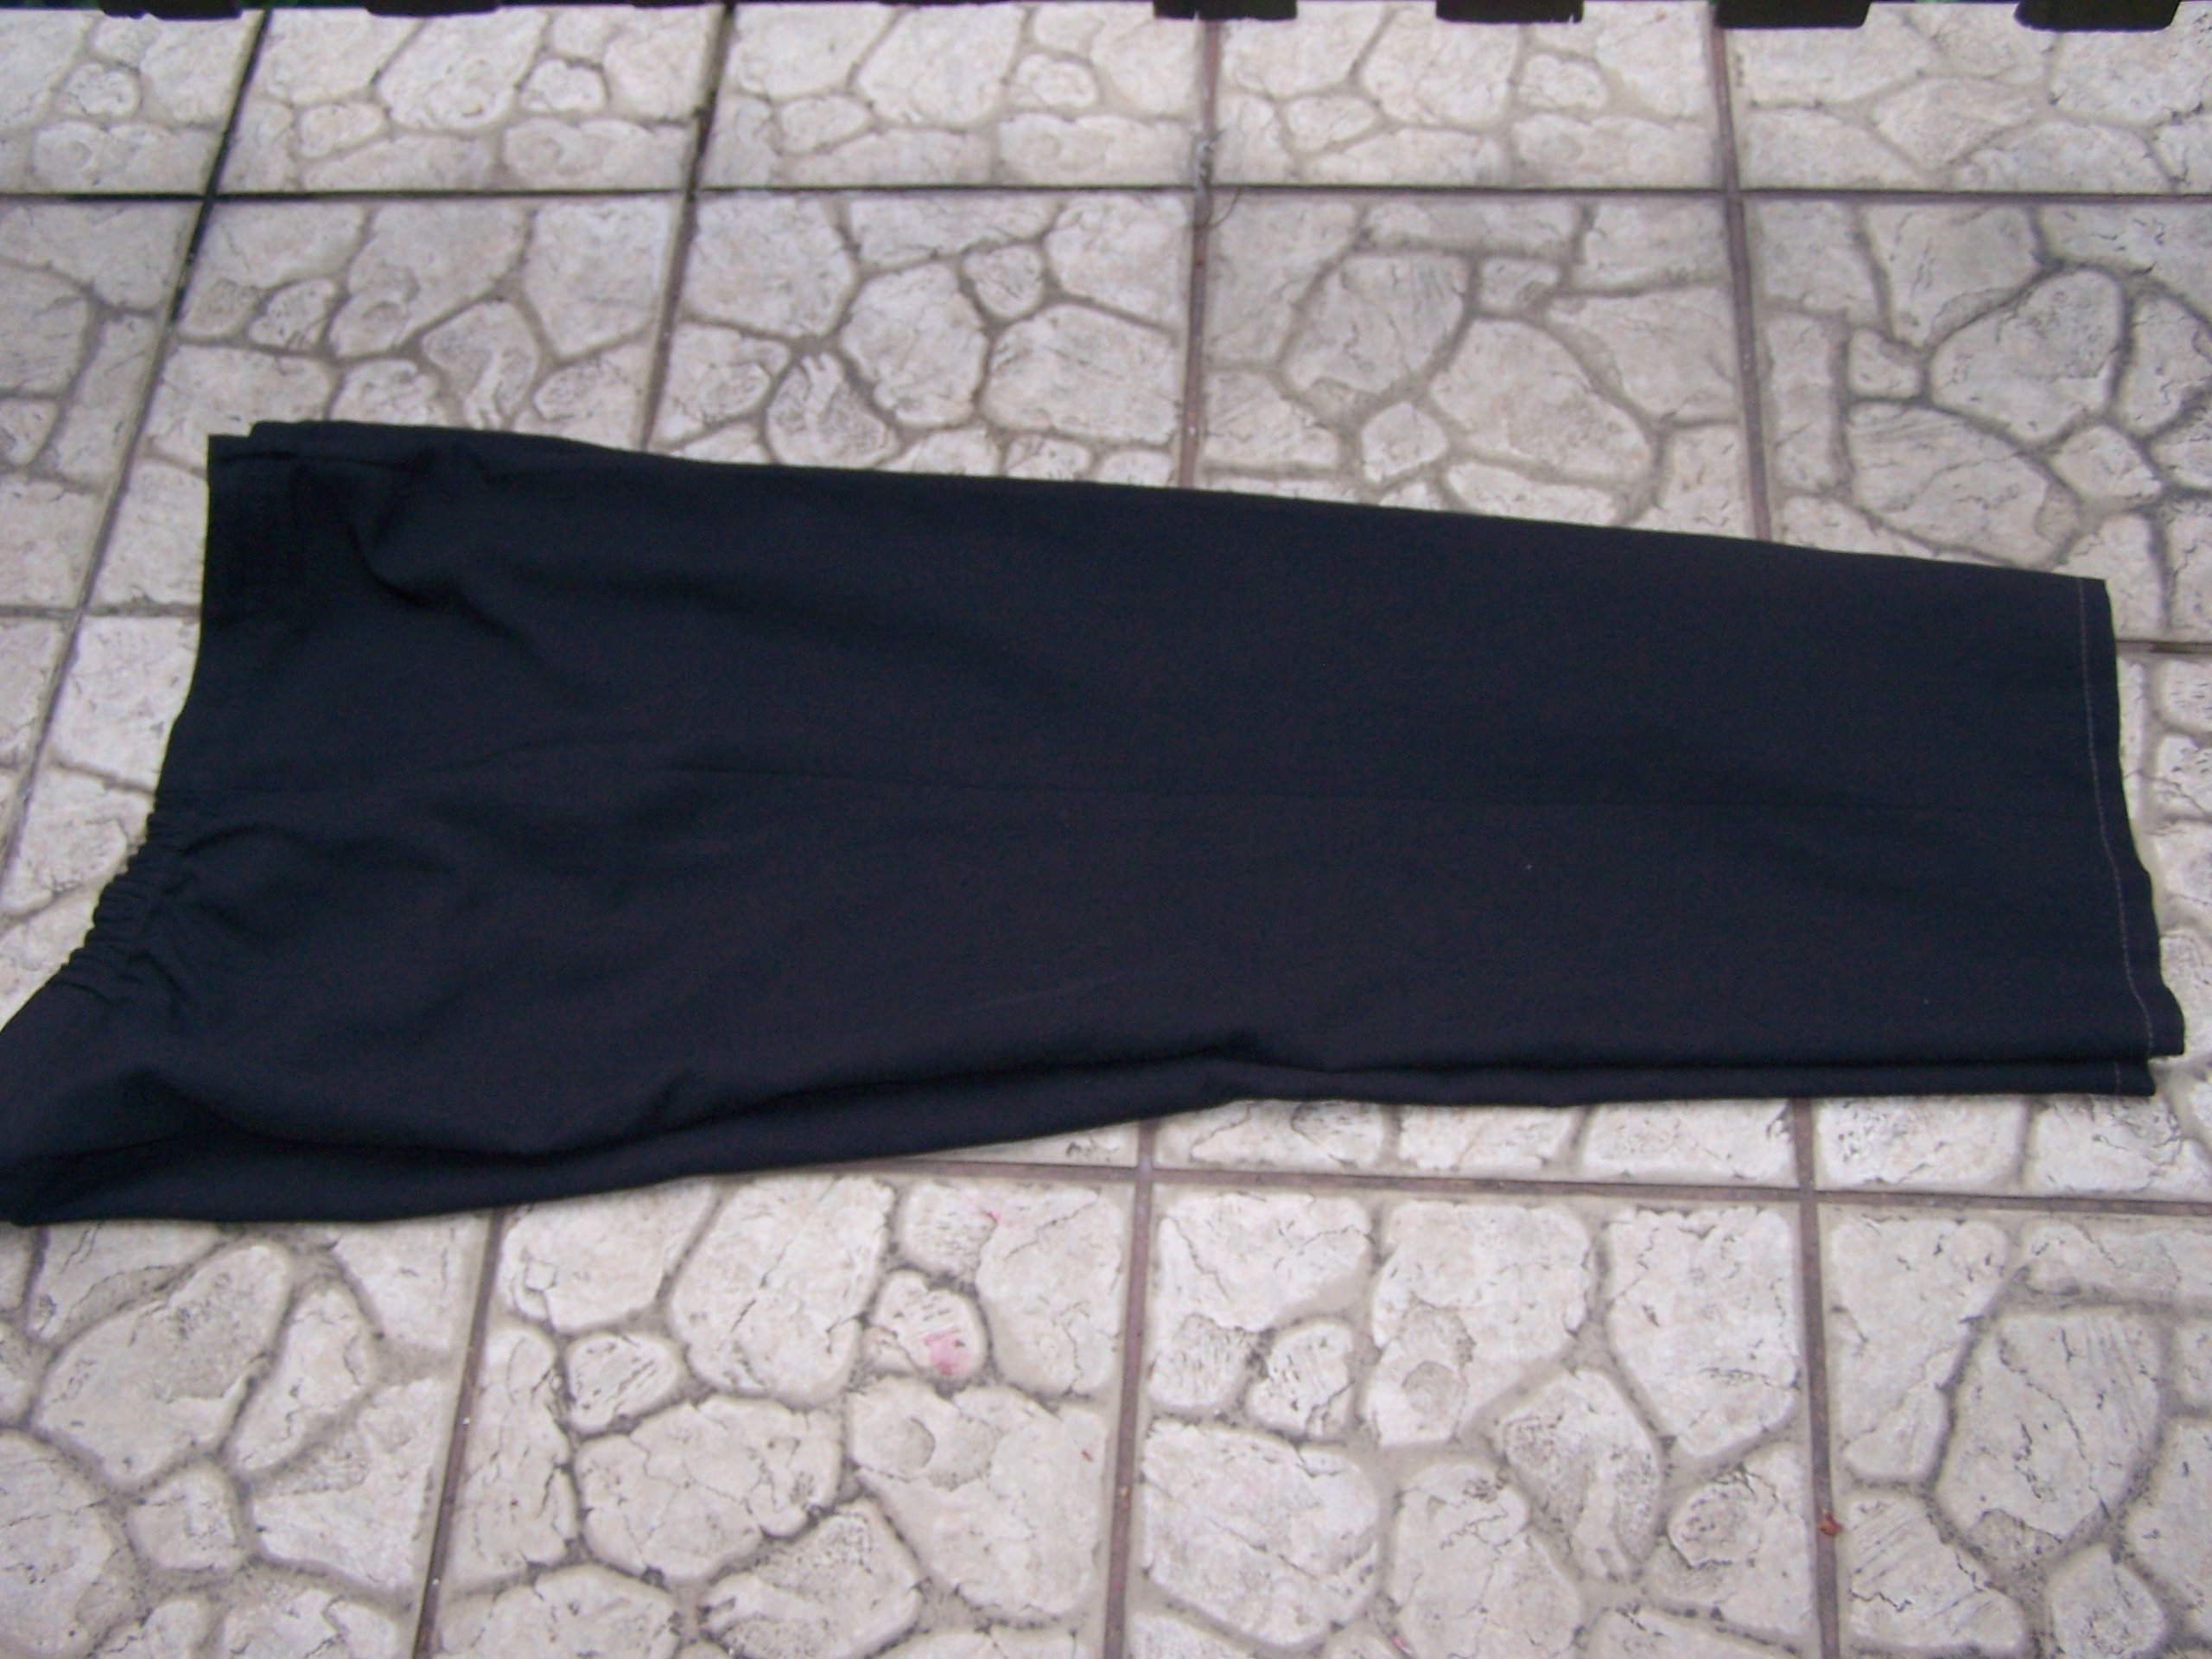 54/56/58 spodnie czarne długie proste na zamek